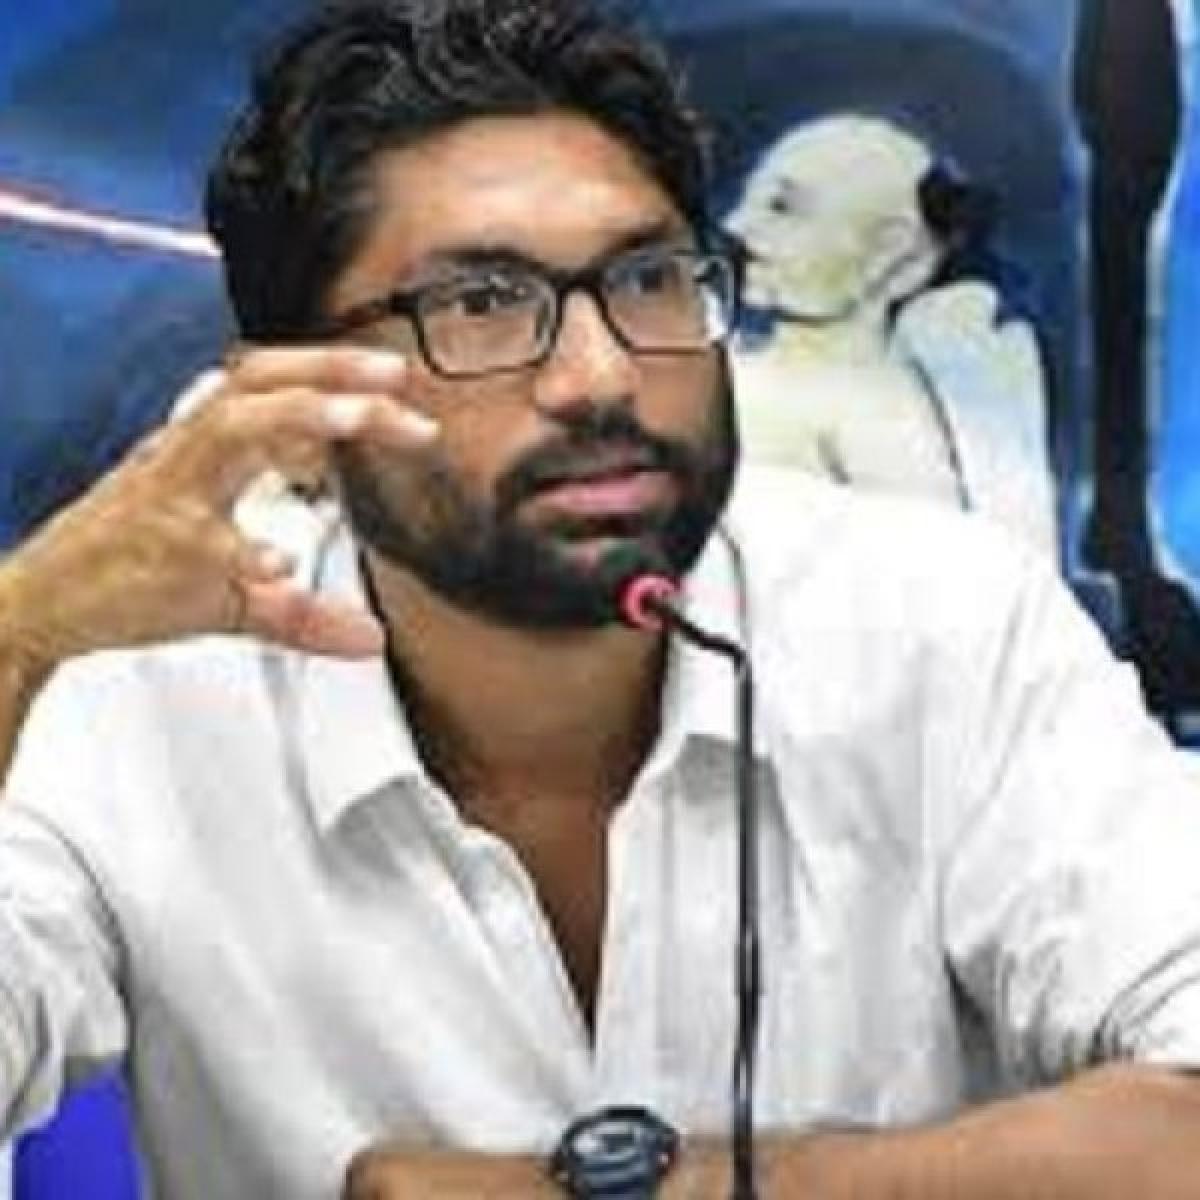 ஸ்டெர்லைட் போராட்டத்தில் ஒன்று கூடுங்கள் - ஜிக்னேஷ் மேவானி ட்வீட்